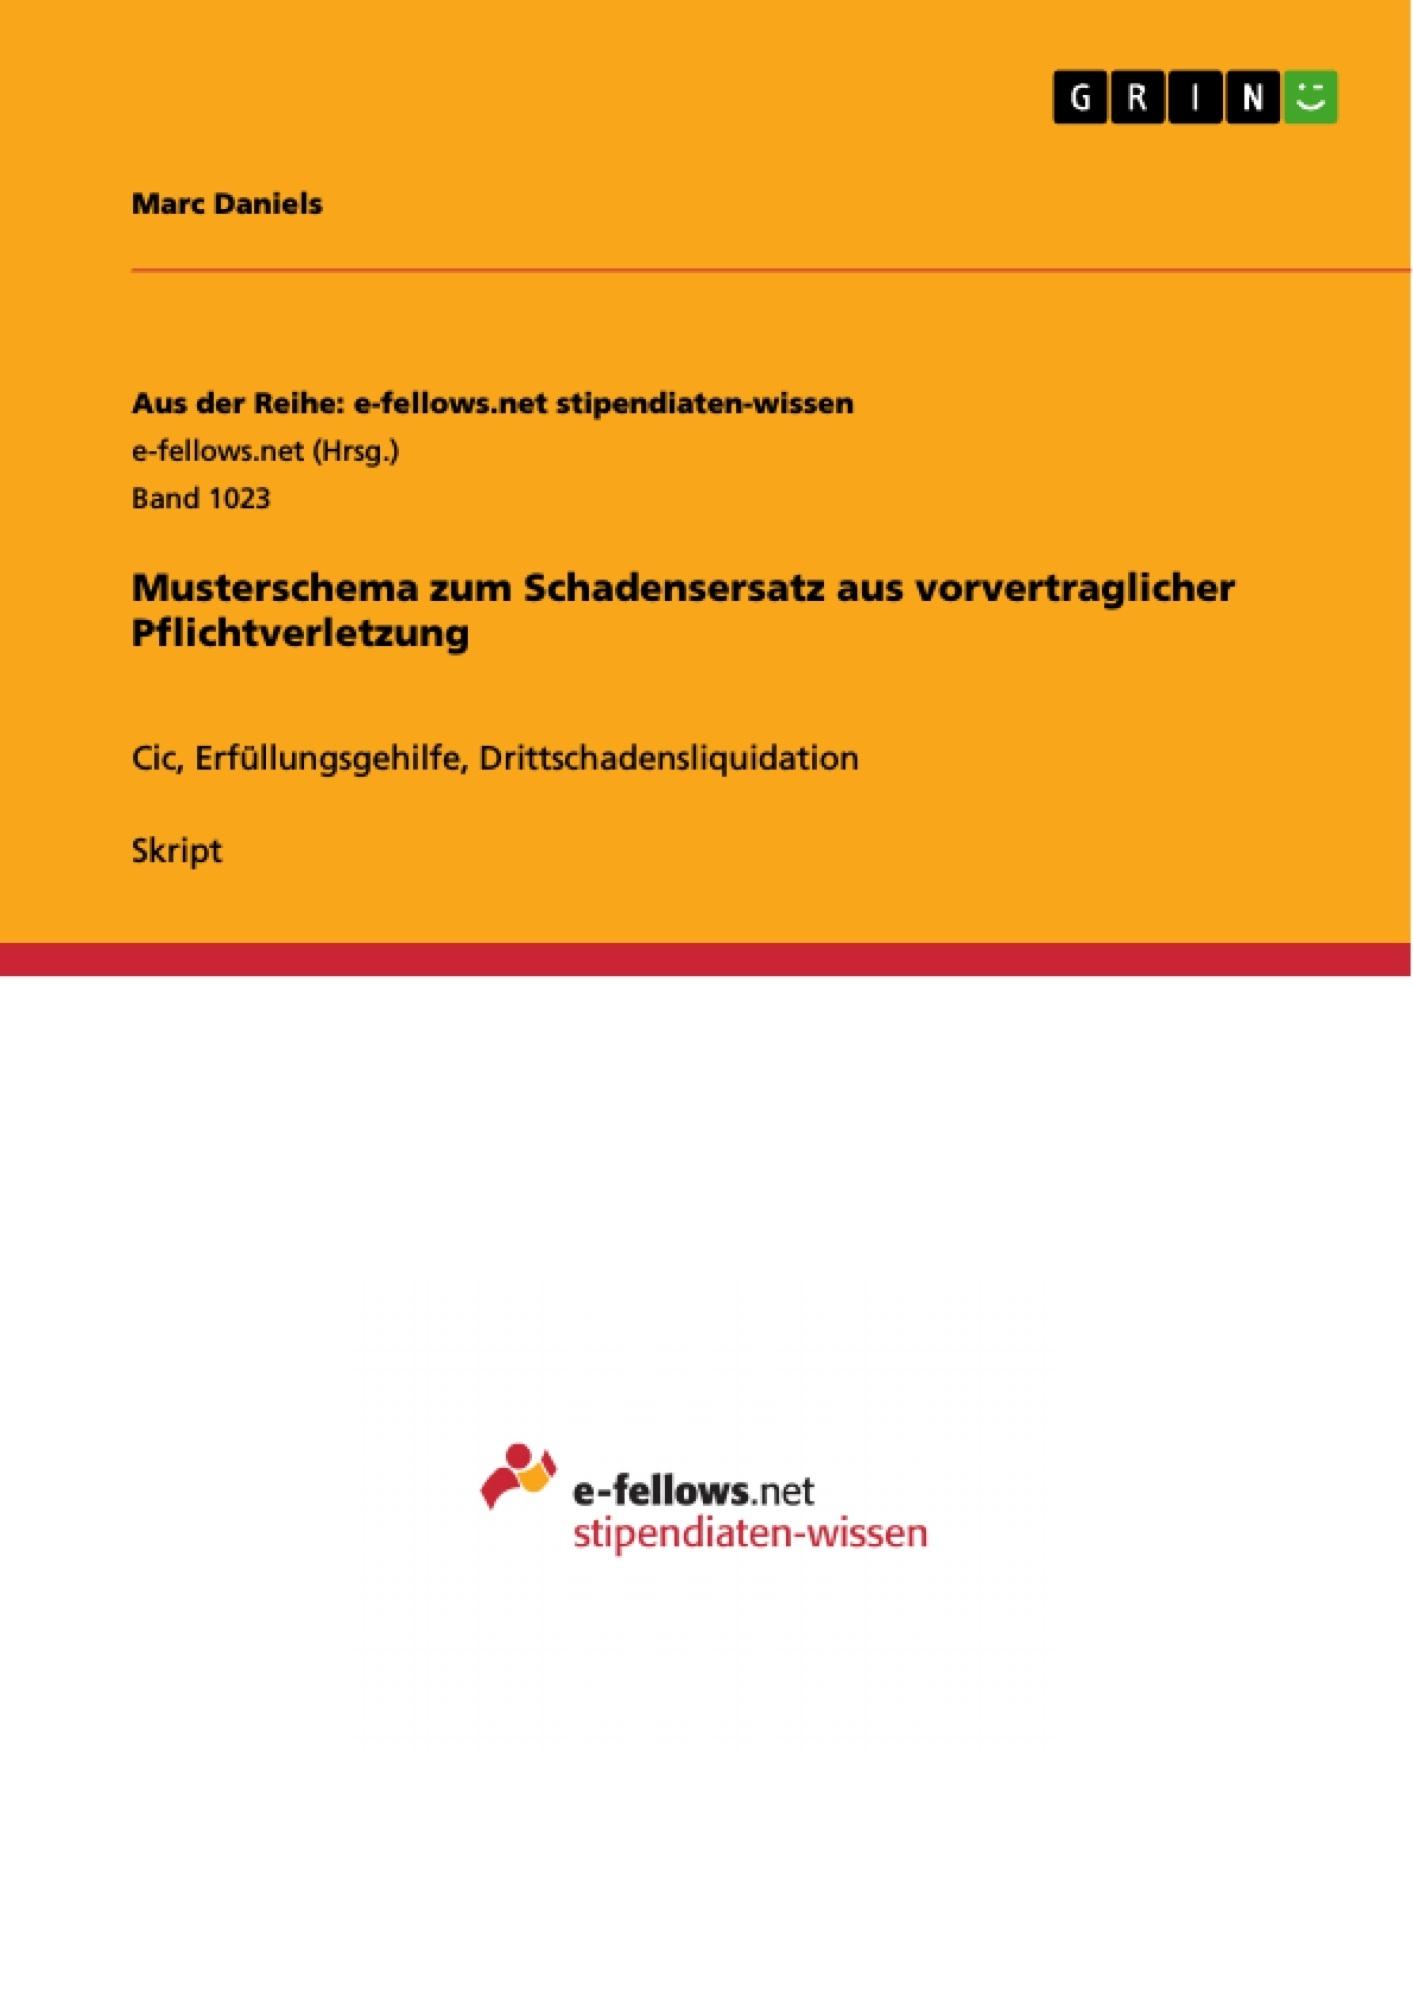 Titel: Musterschema zum Schadensersatz aus vorvertraglicher Pflichtverletzung